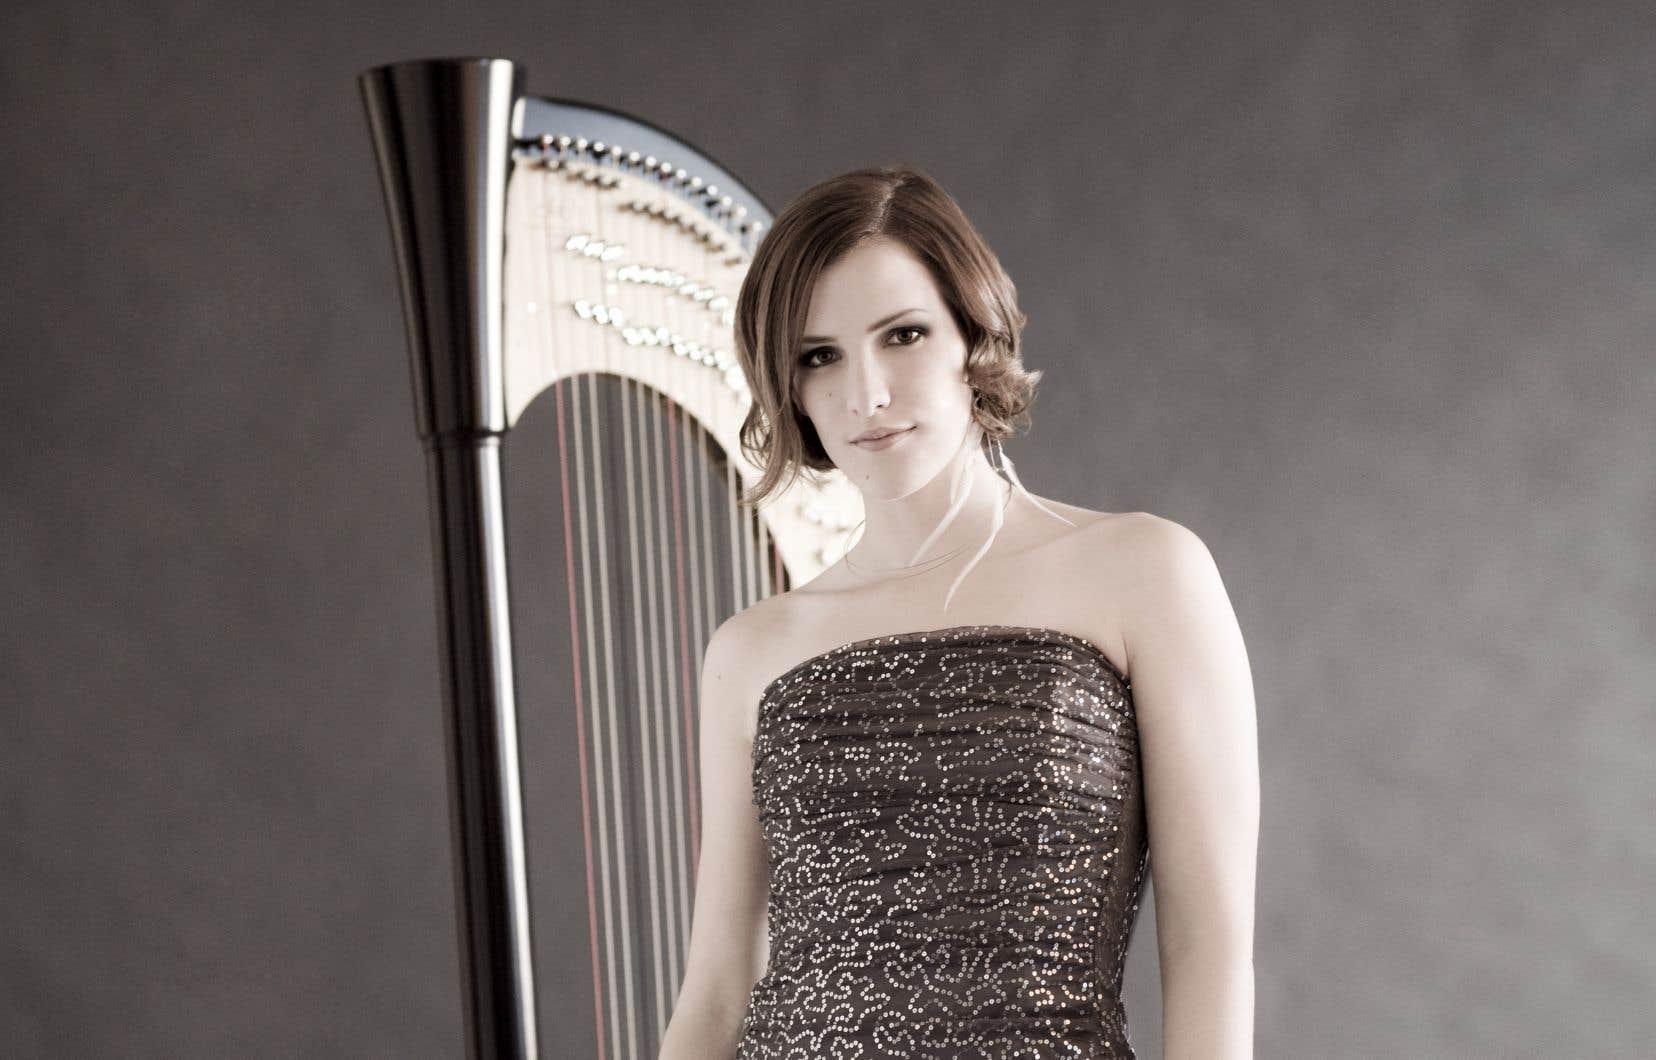 La harpiste Valérie Milot